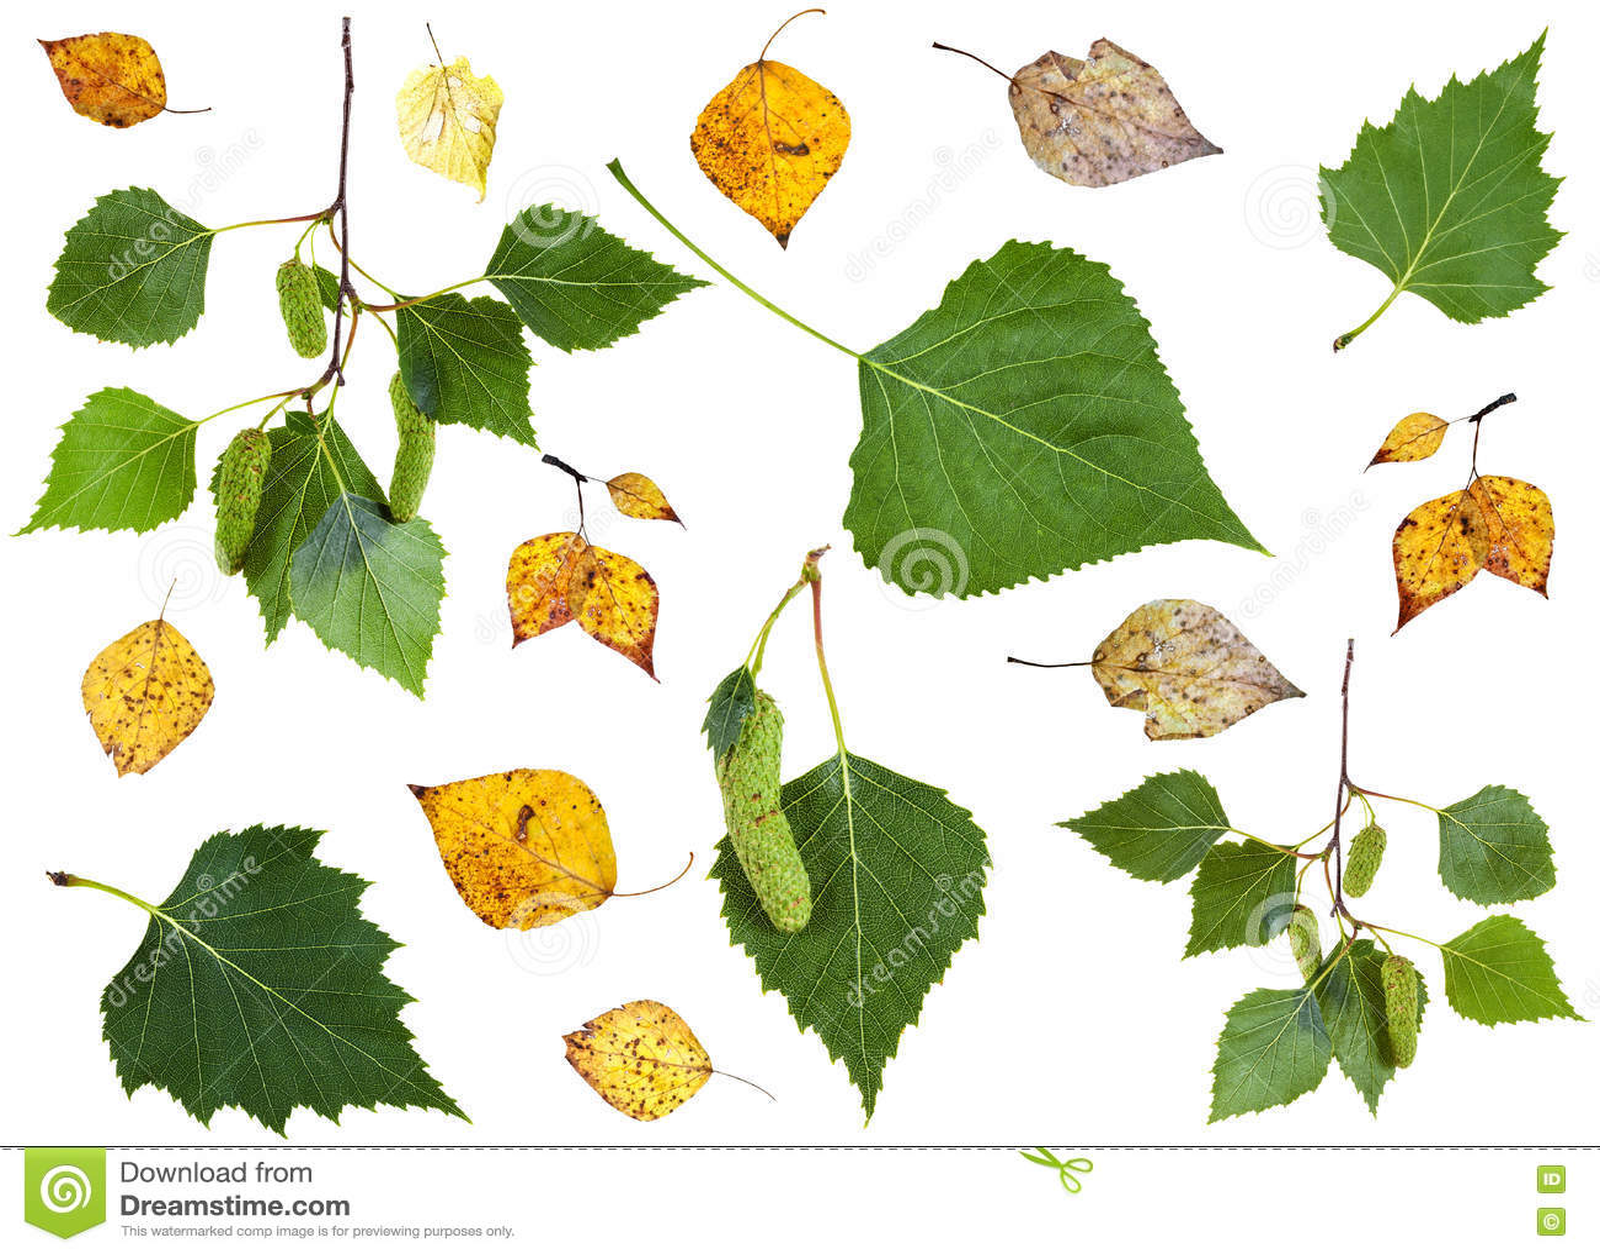 Ensemble de feuilles de bouleau jaune de vert et d 39 automne - Feuille de bouleau photo ...